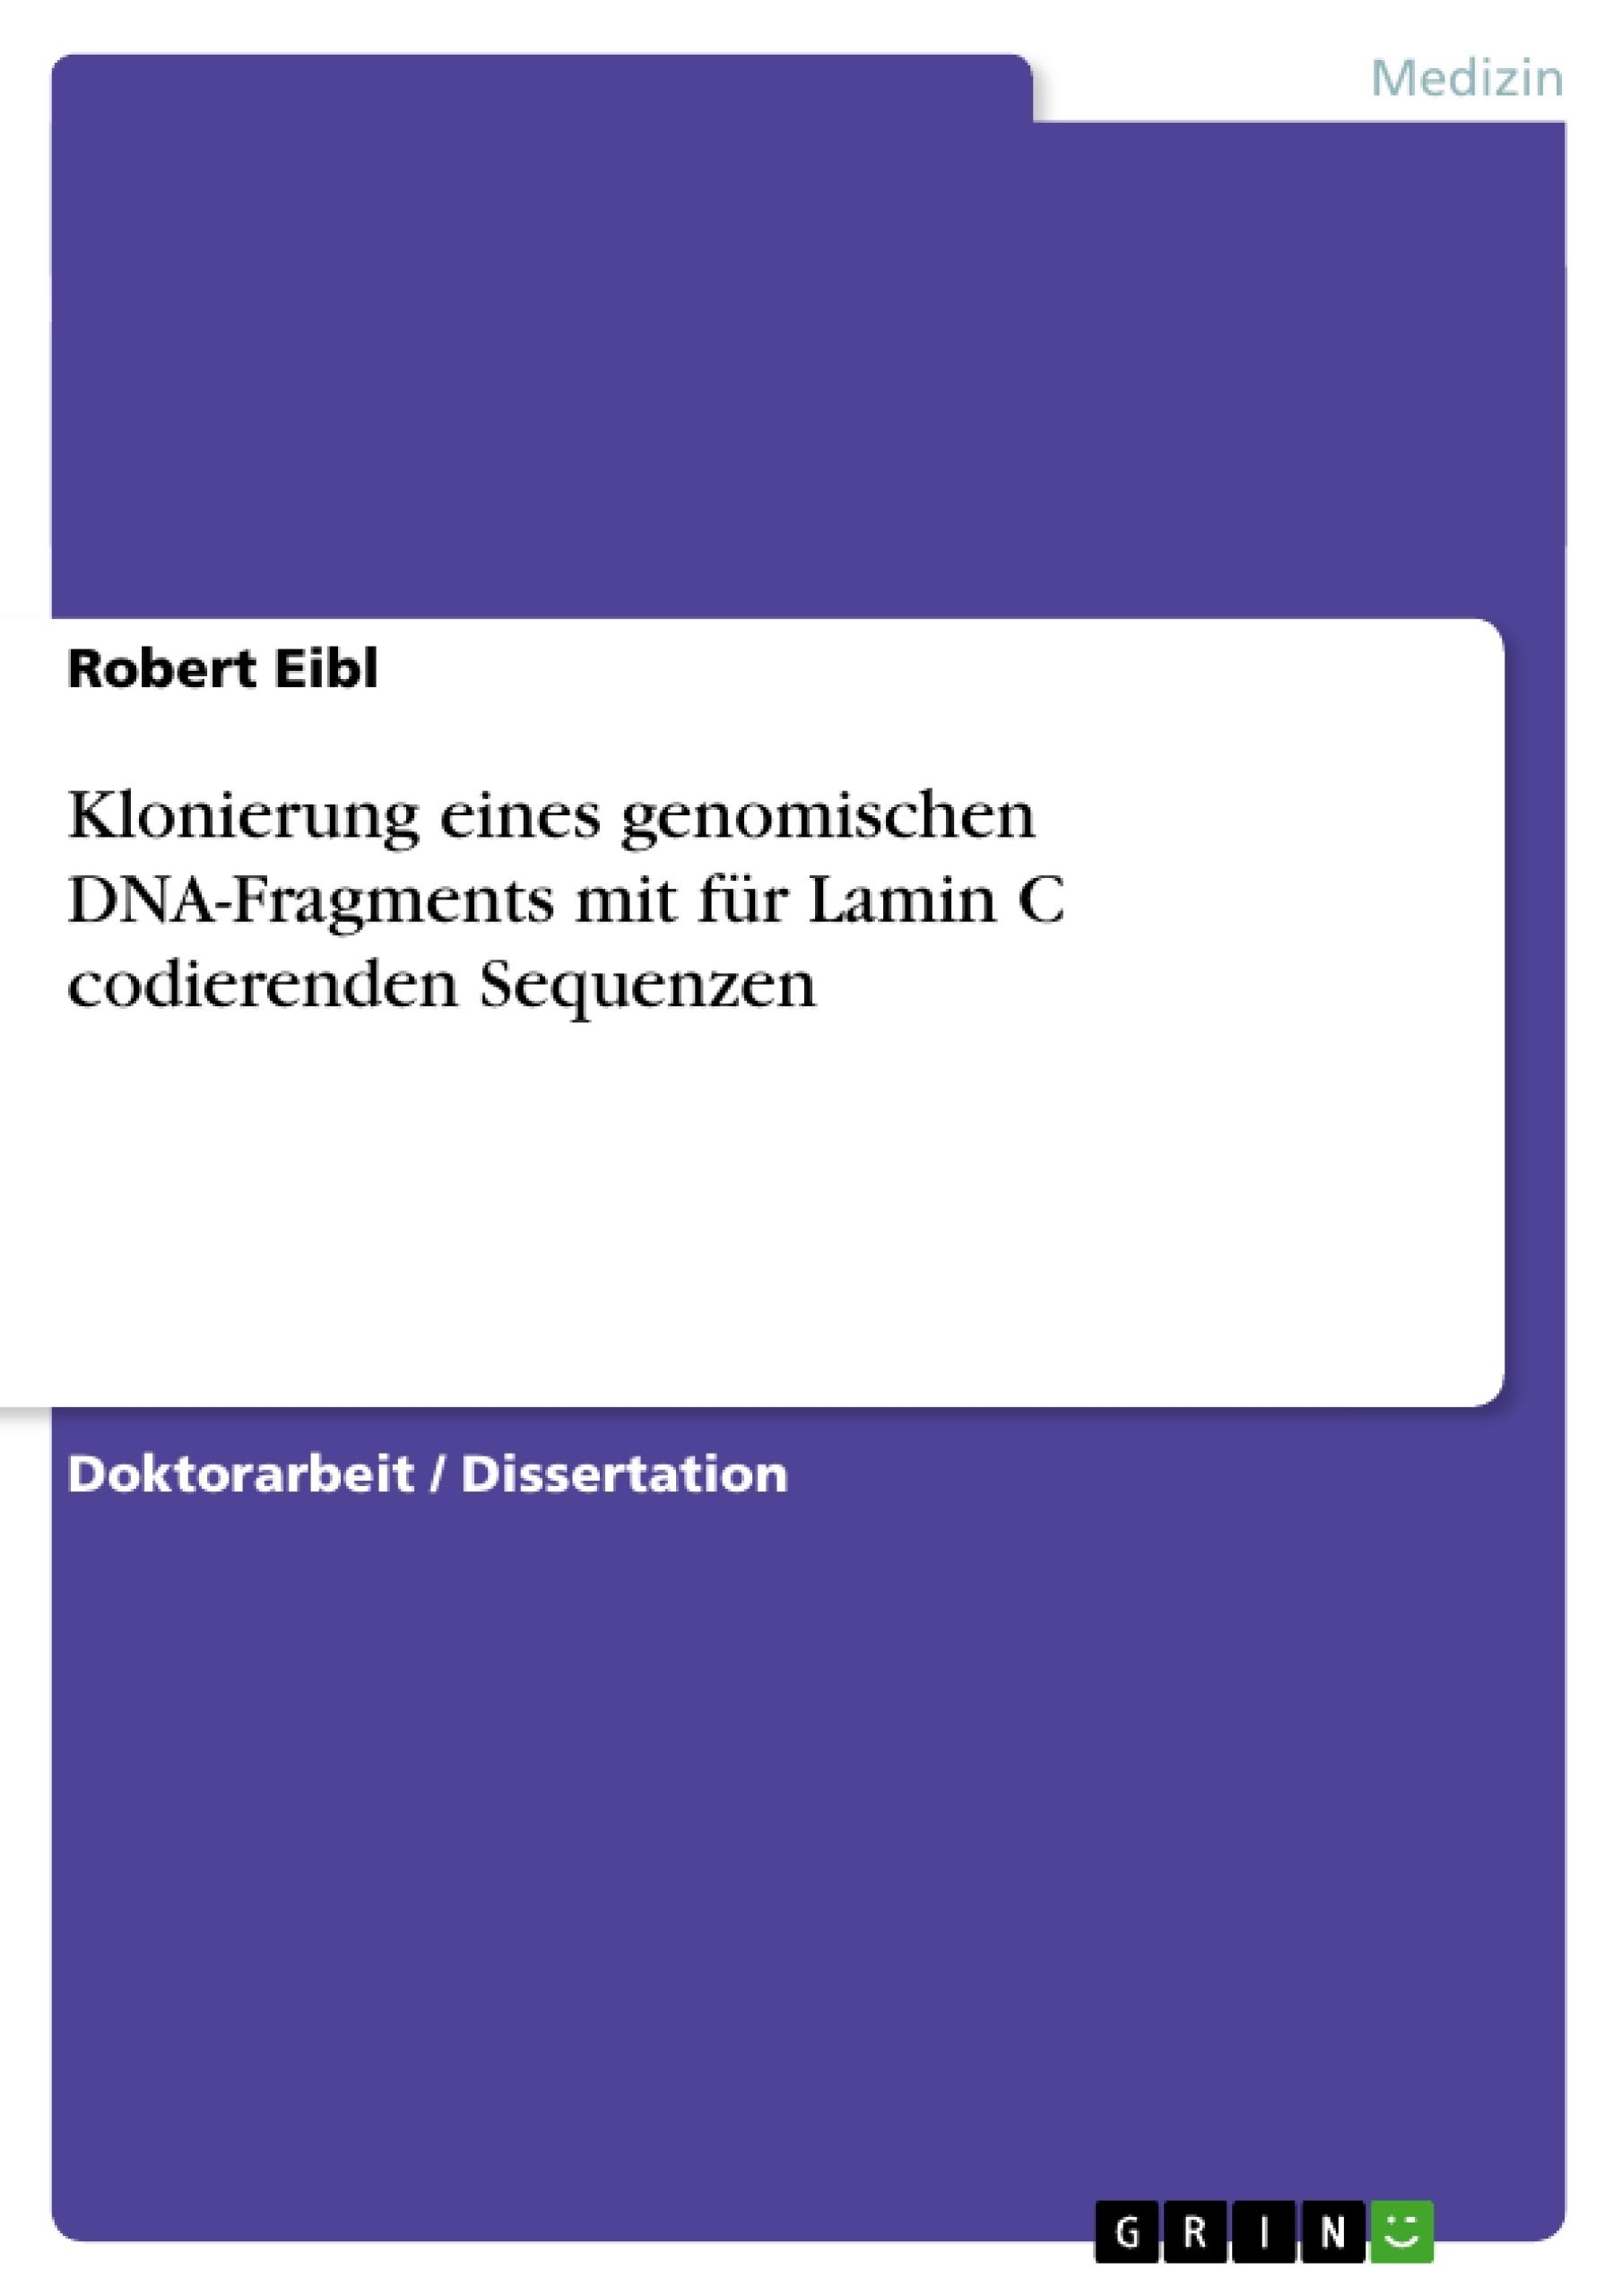 Titel: Klonierung eines genomischen DNA-Fragments mit für Lamin C codierenden Sequenzen